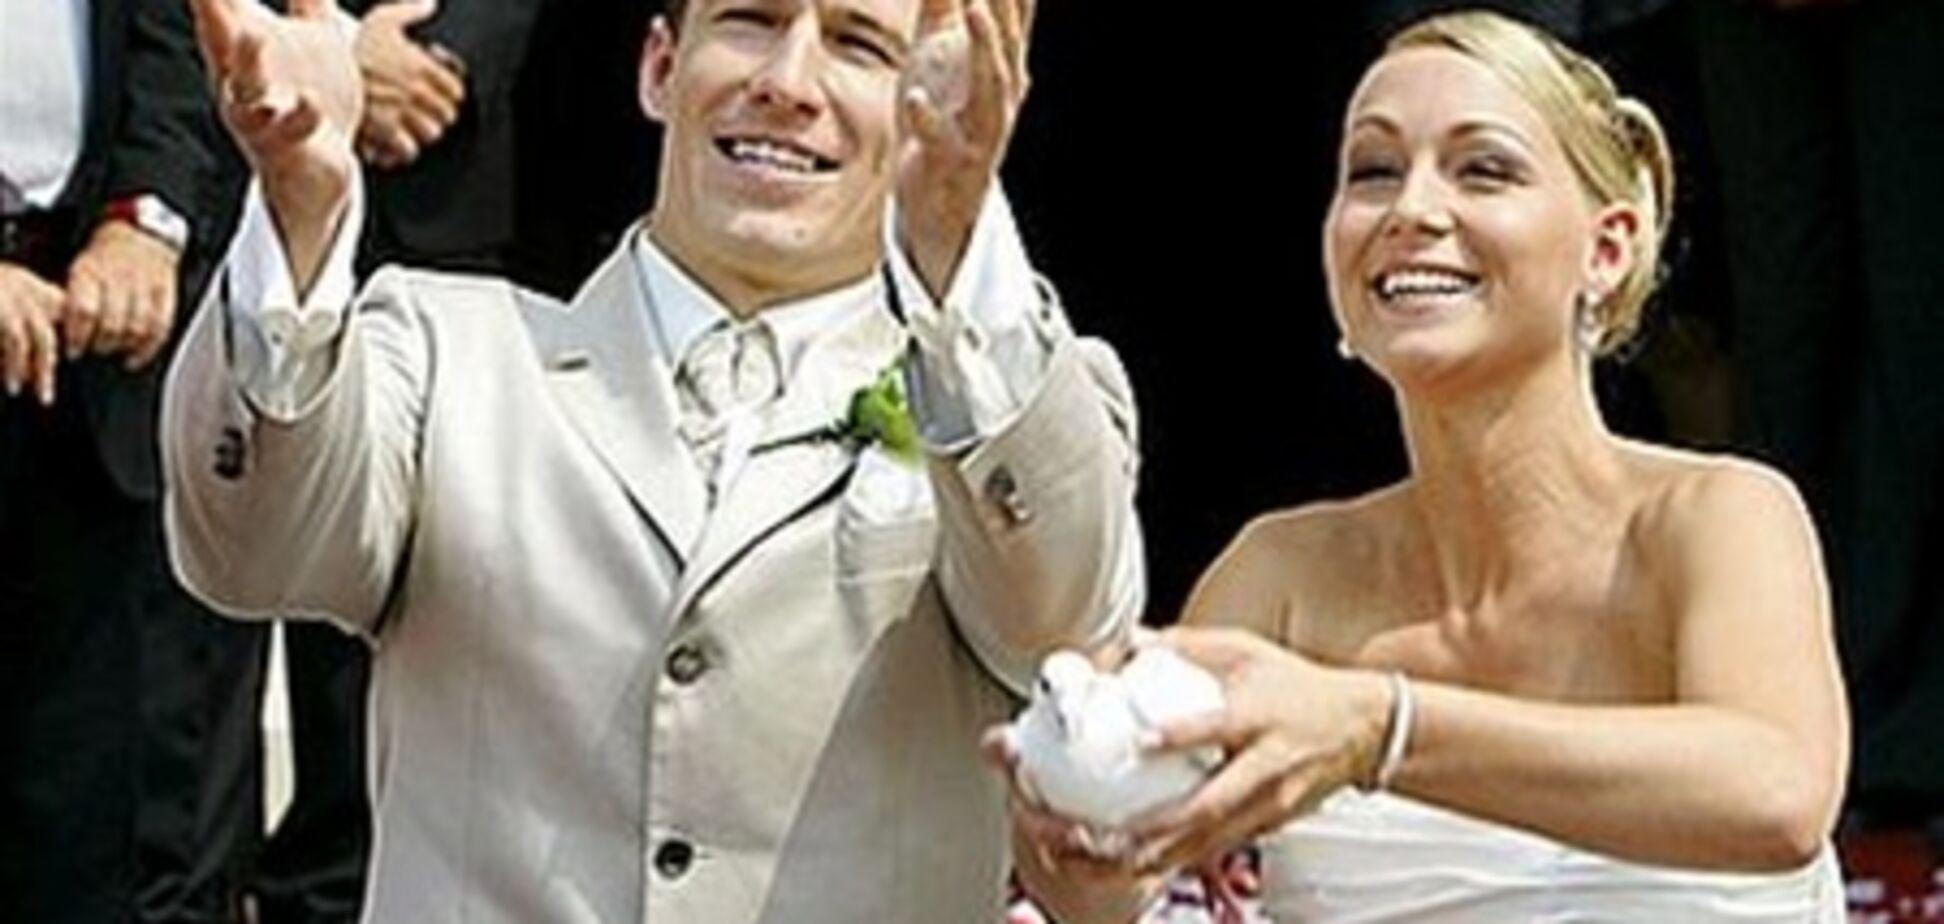 'Жёны футболистов': супруги Роббена и Рибери